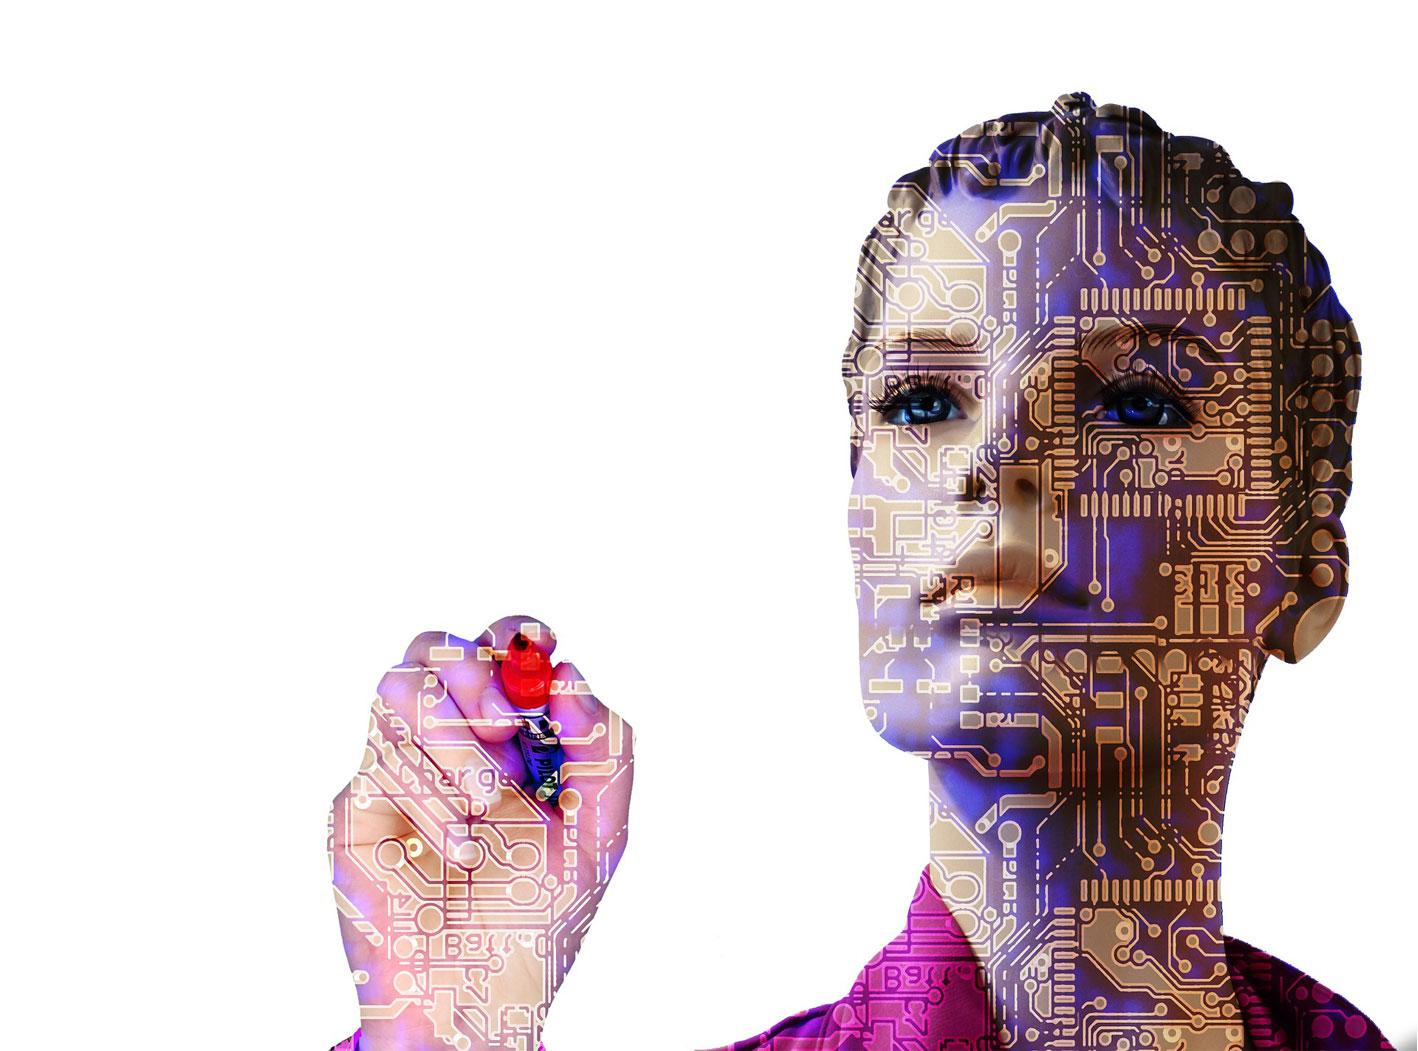 Kunstig intelligens effekt på markedsføring og samfunnet